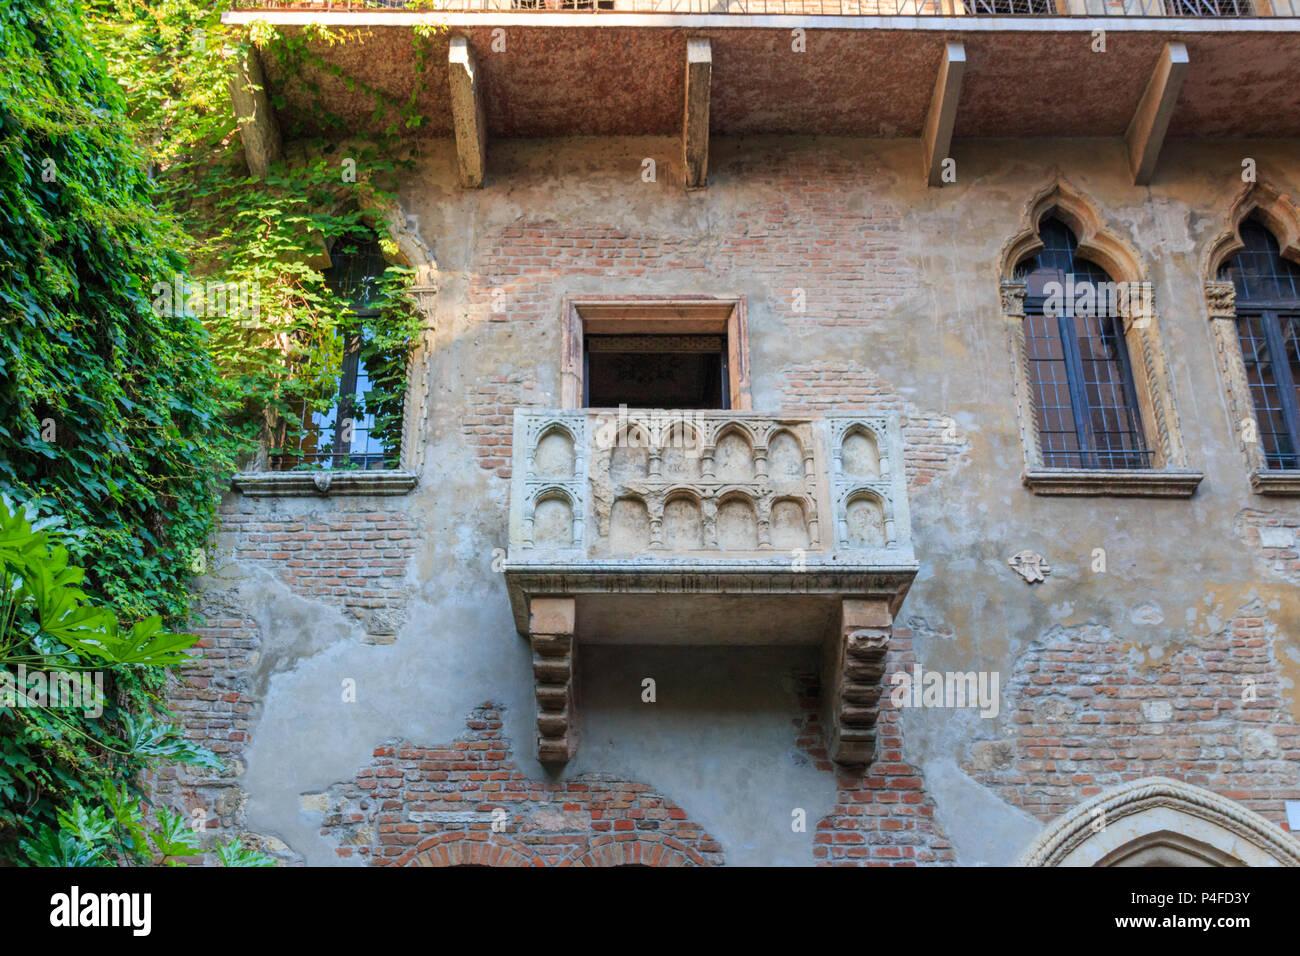 Balcon à la maison de Juliette est une étape importante et une attraction touristique à Vérone, Italie Banque D'Images